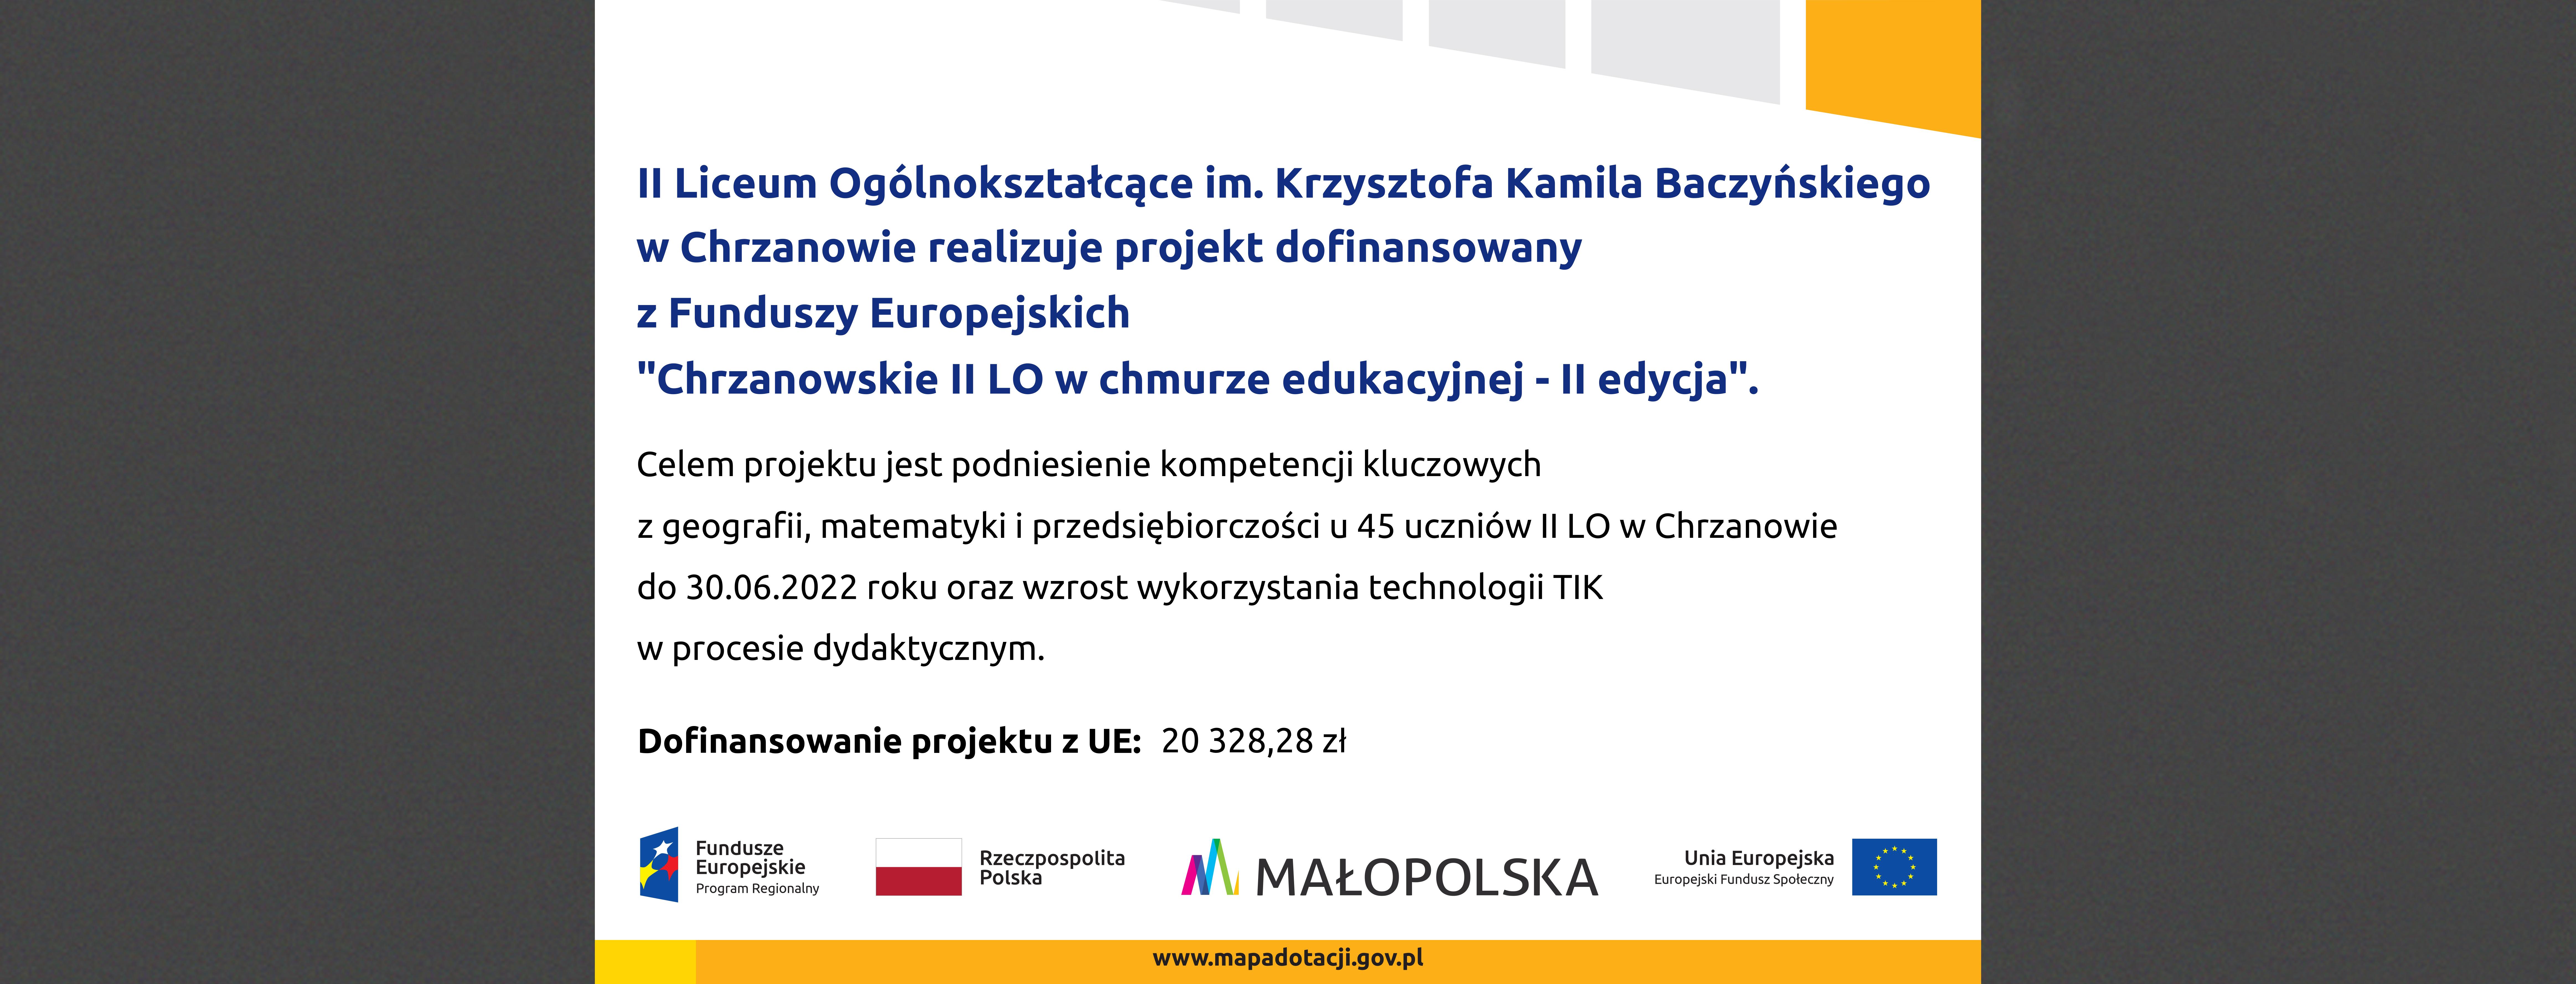 Małopolska Chmura Edukacyjna - II edycja